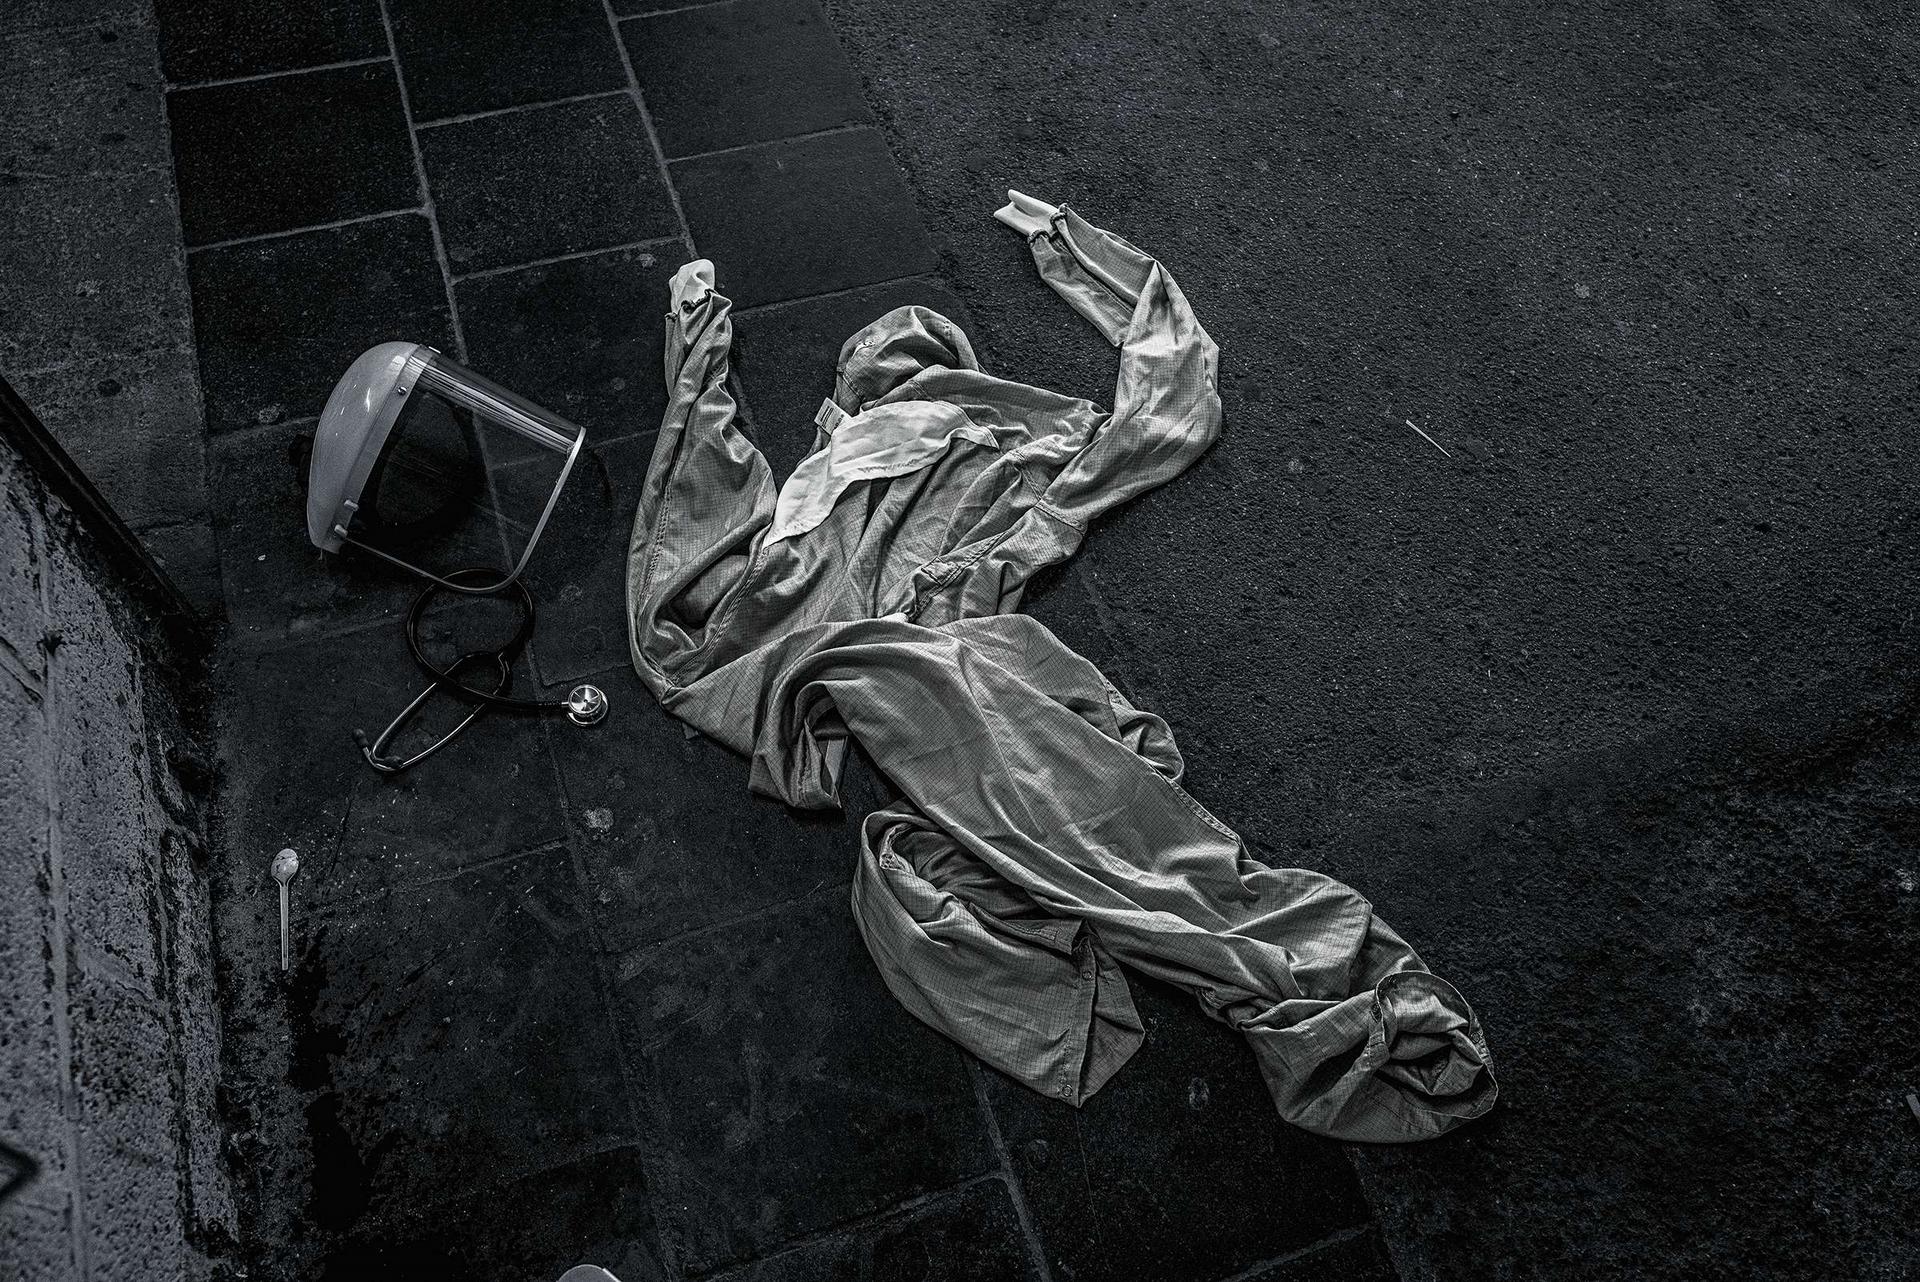 聽診器、面罩、防護衣:這些防疫必需品散落在比利時拉盧維耶爾的一間醫院外,那是一名醫生為了避免新的感染,在從救護車前往急診室途中脫下棄置的。 塞德利克.傑貝耶的報導有部分由國家地理學會的COVID-19緊急記者基金贊助。攝影:塞德利克.傑貝耶 CÉDRIC GERBEHAYE